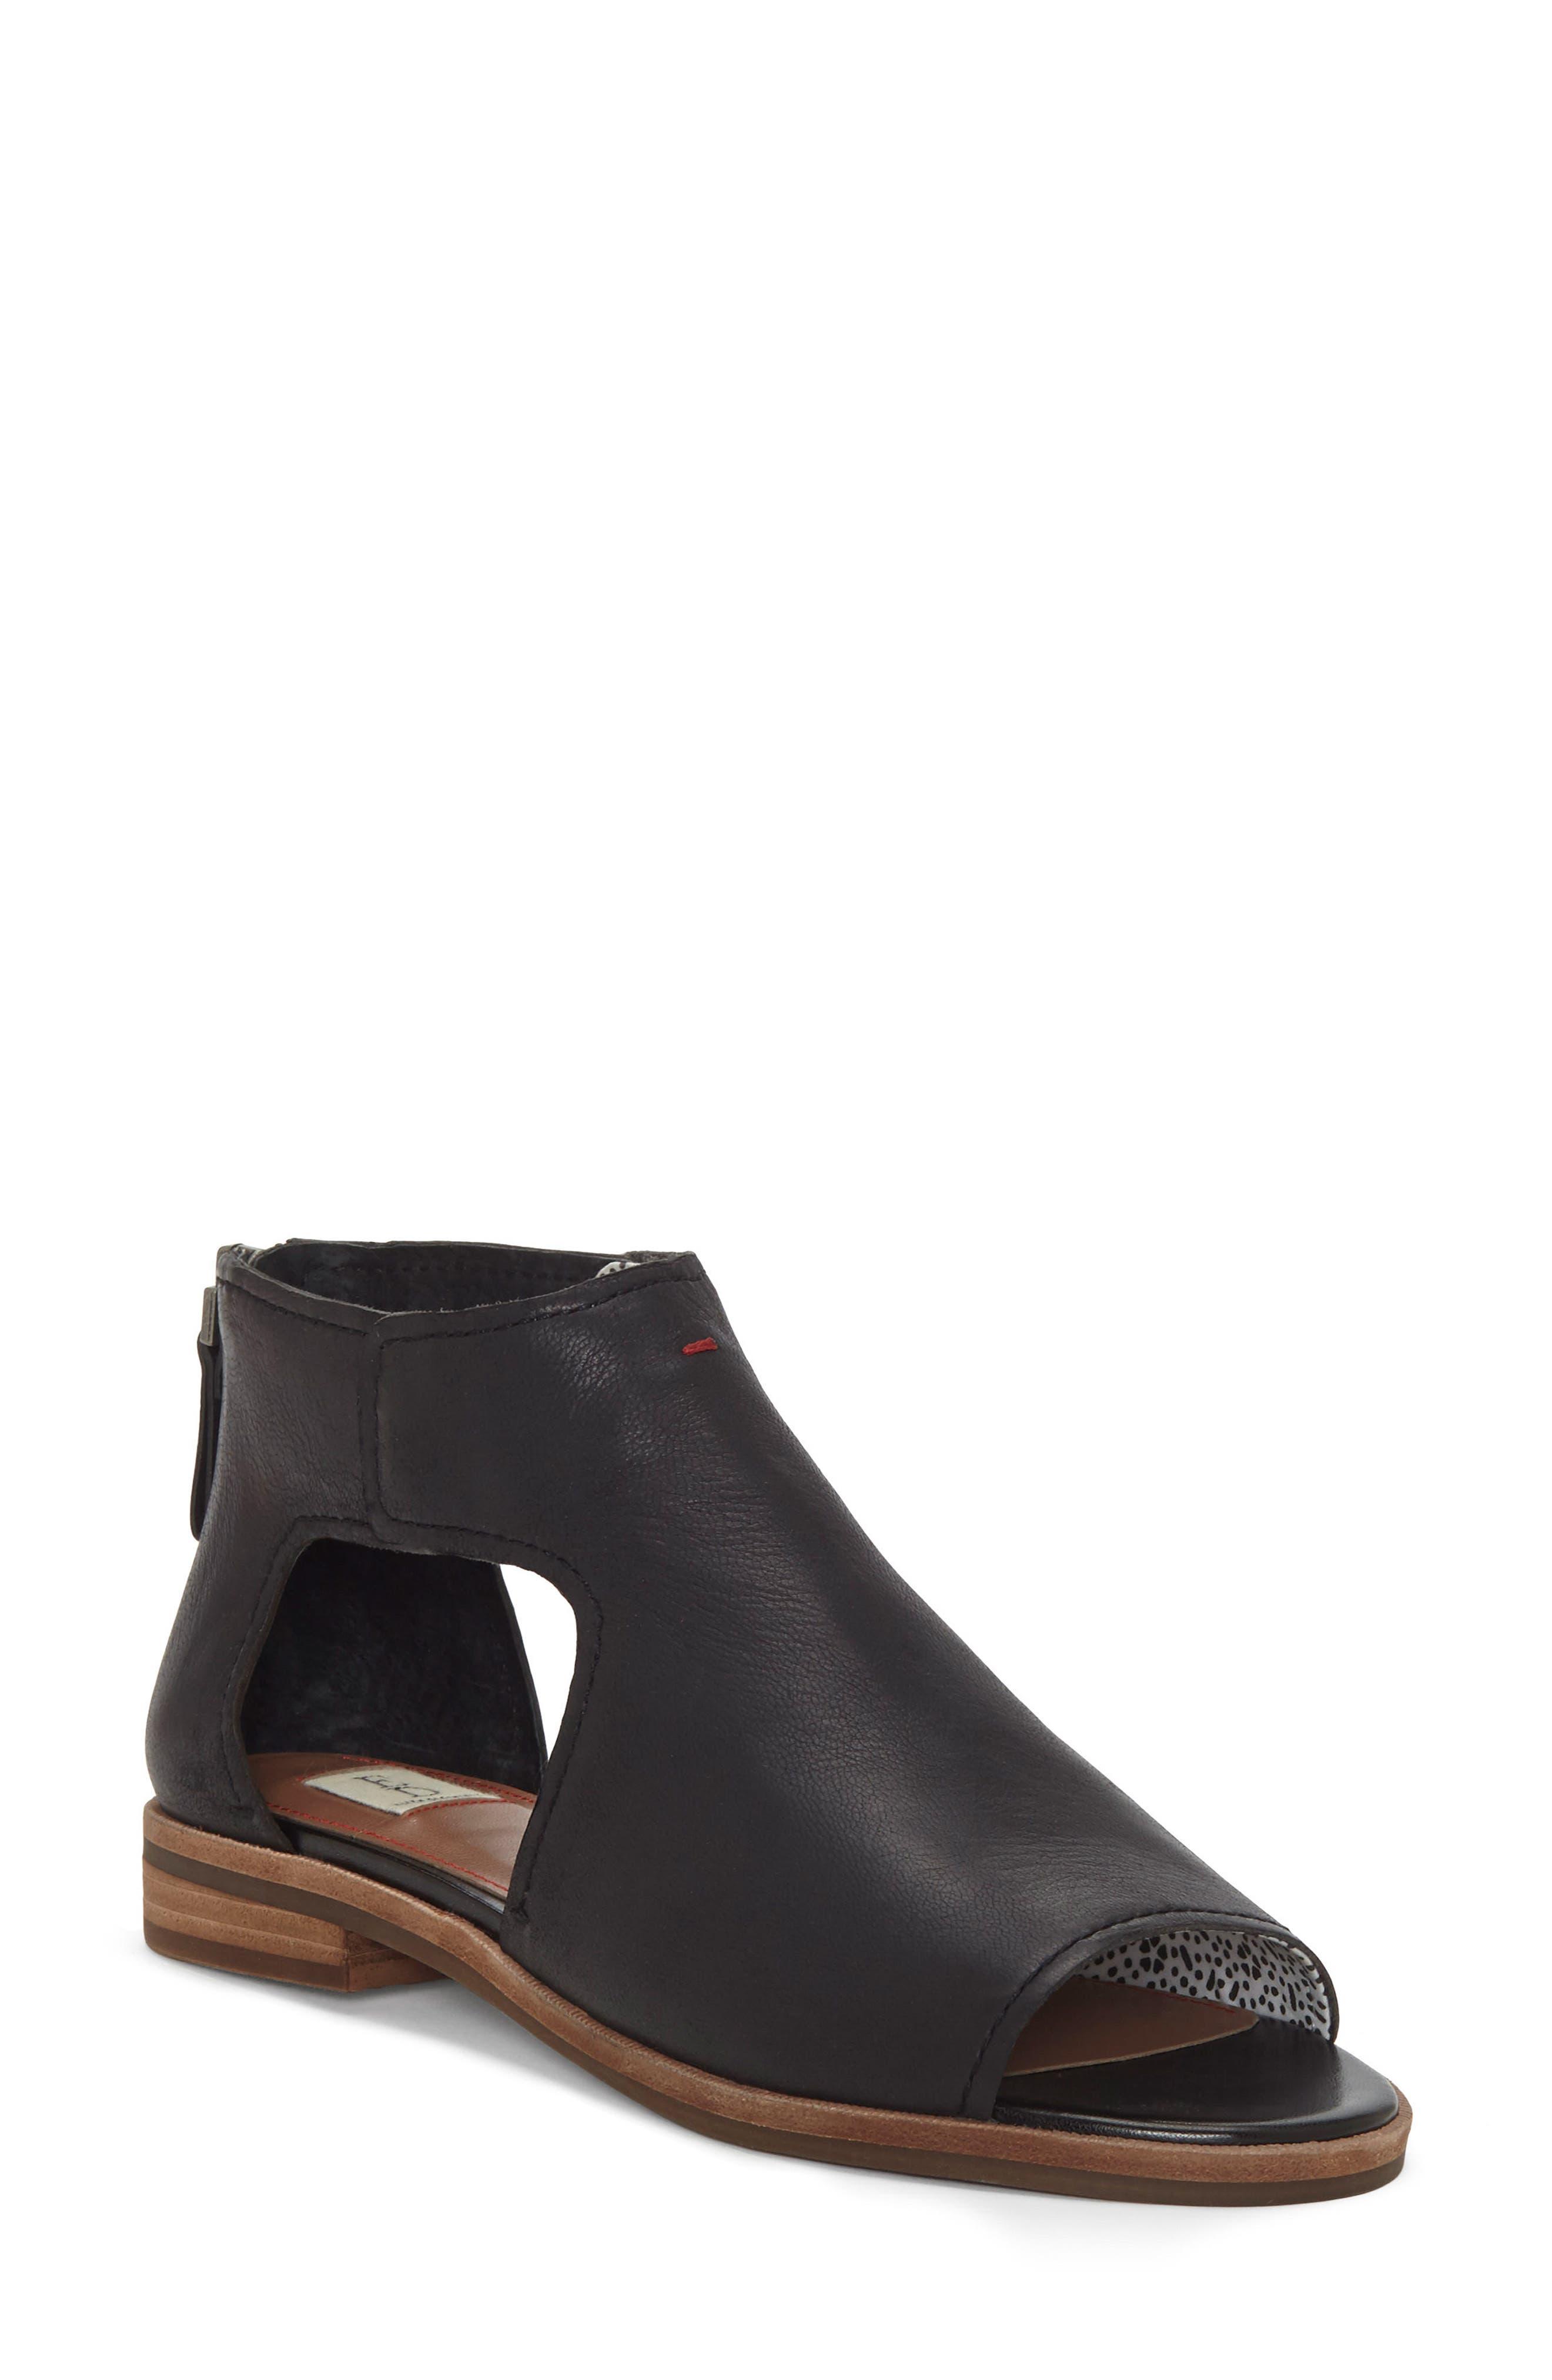 Surah Cutout Sandal,                         Main,                         color, Black Leather